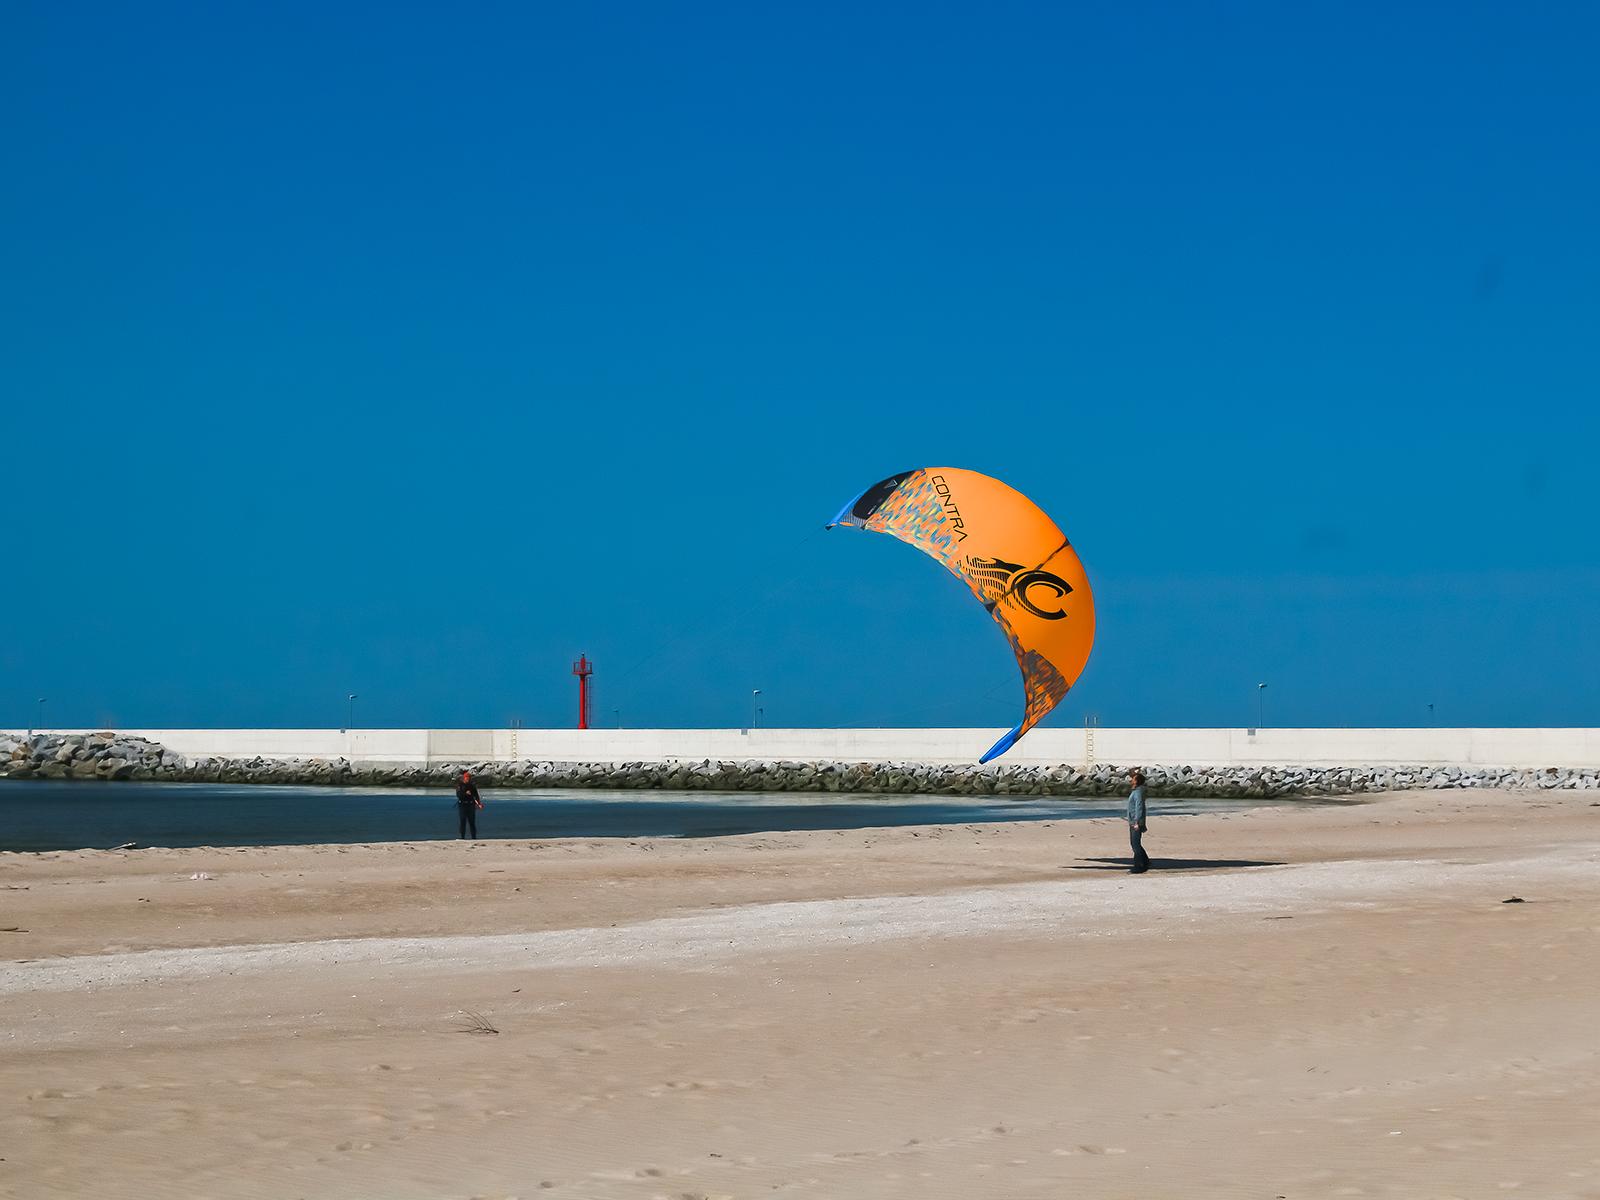 domki-letniskowe-dziwmow-kite